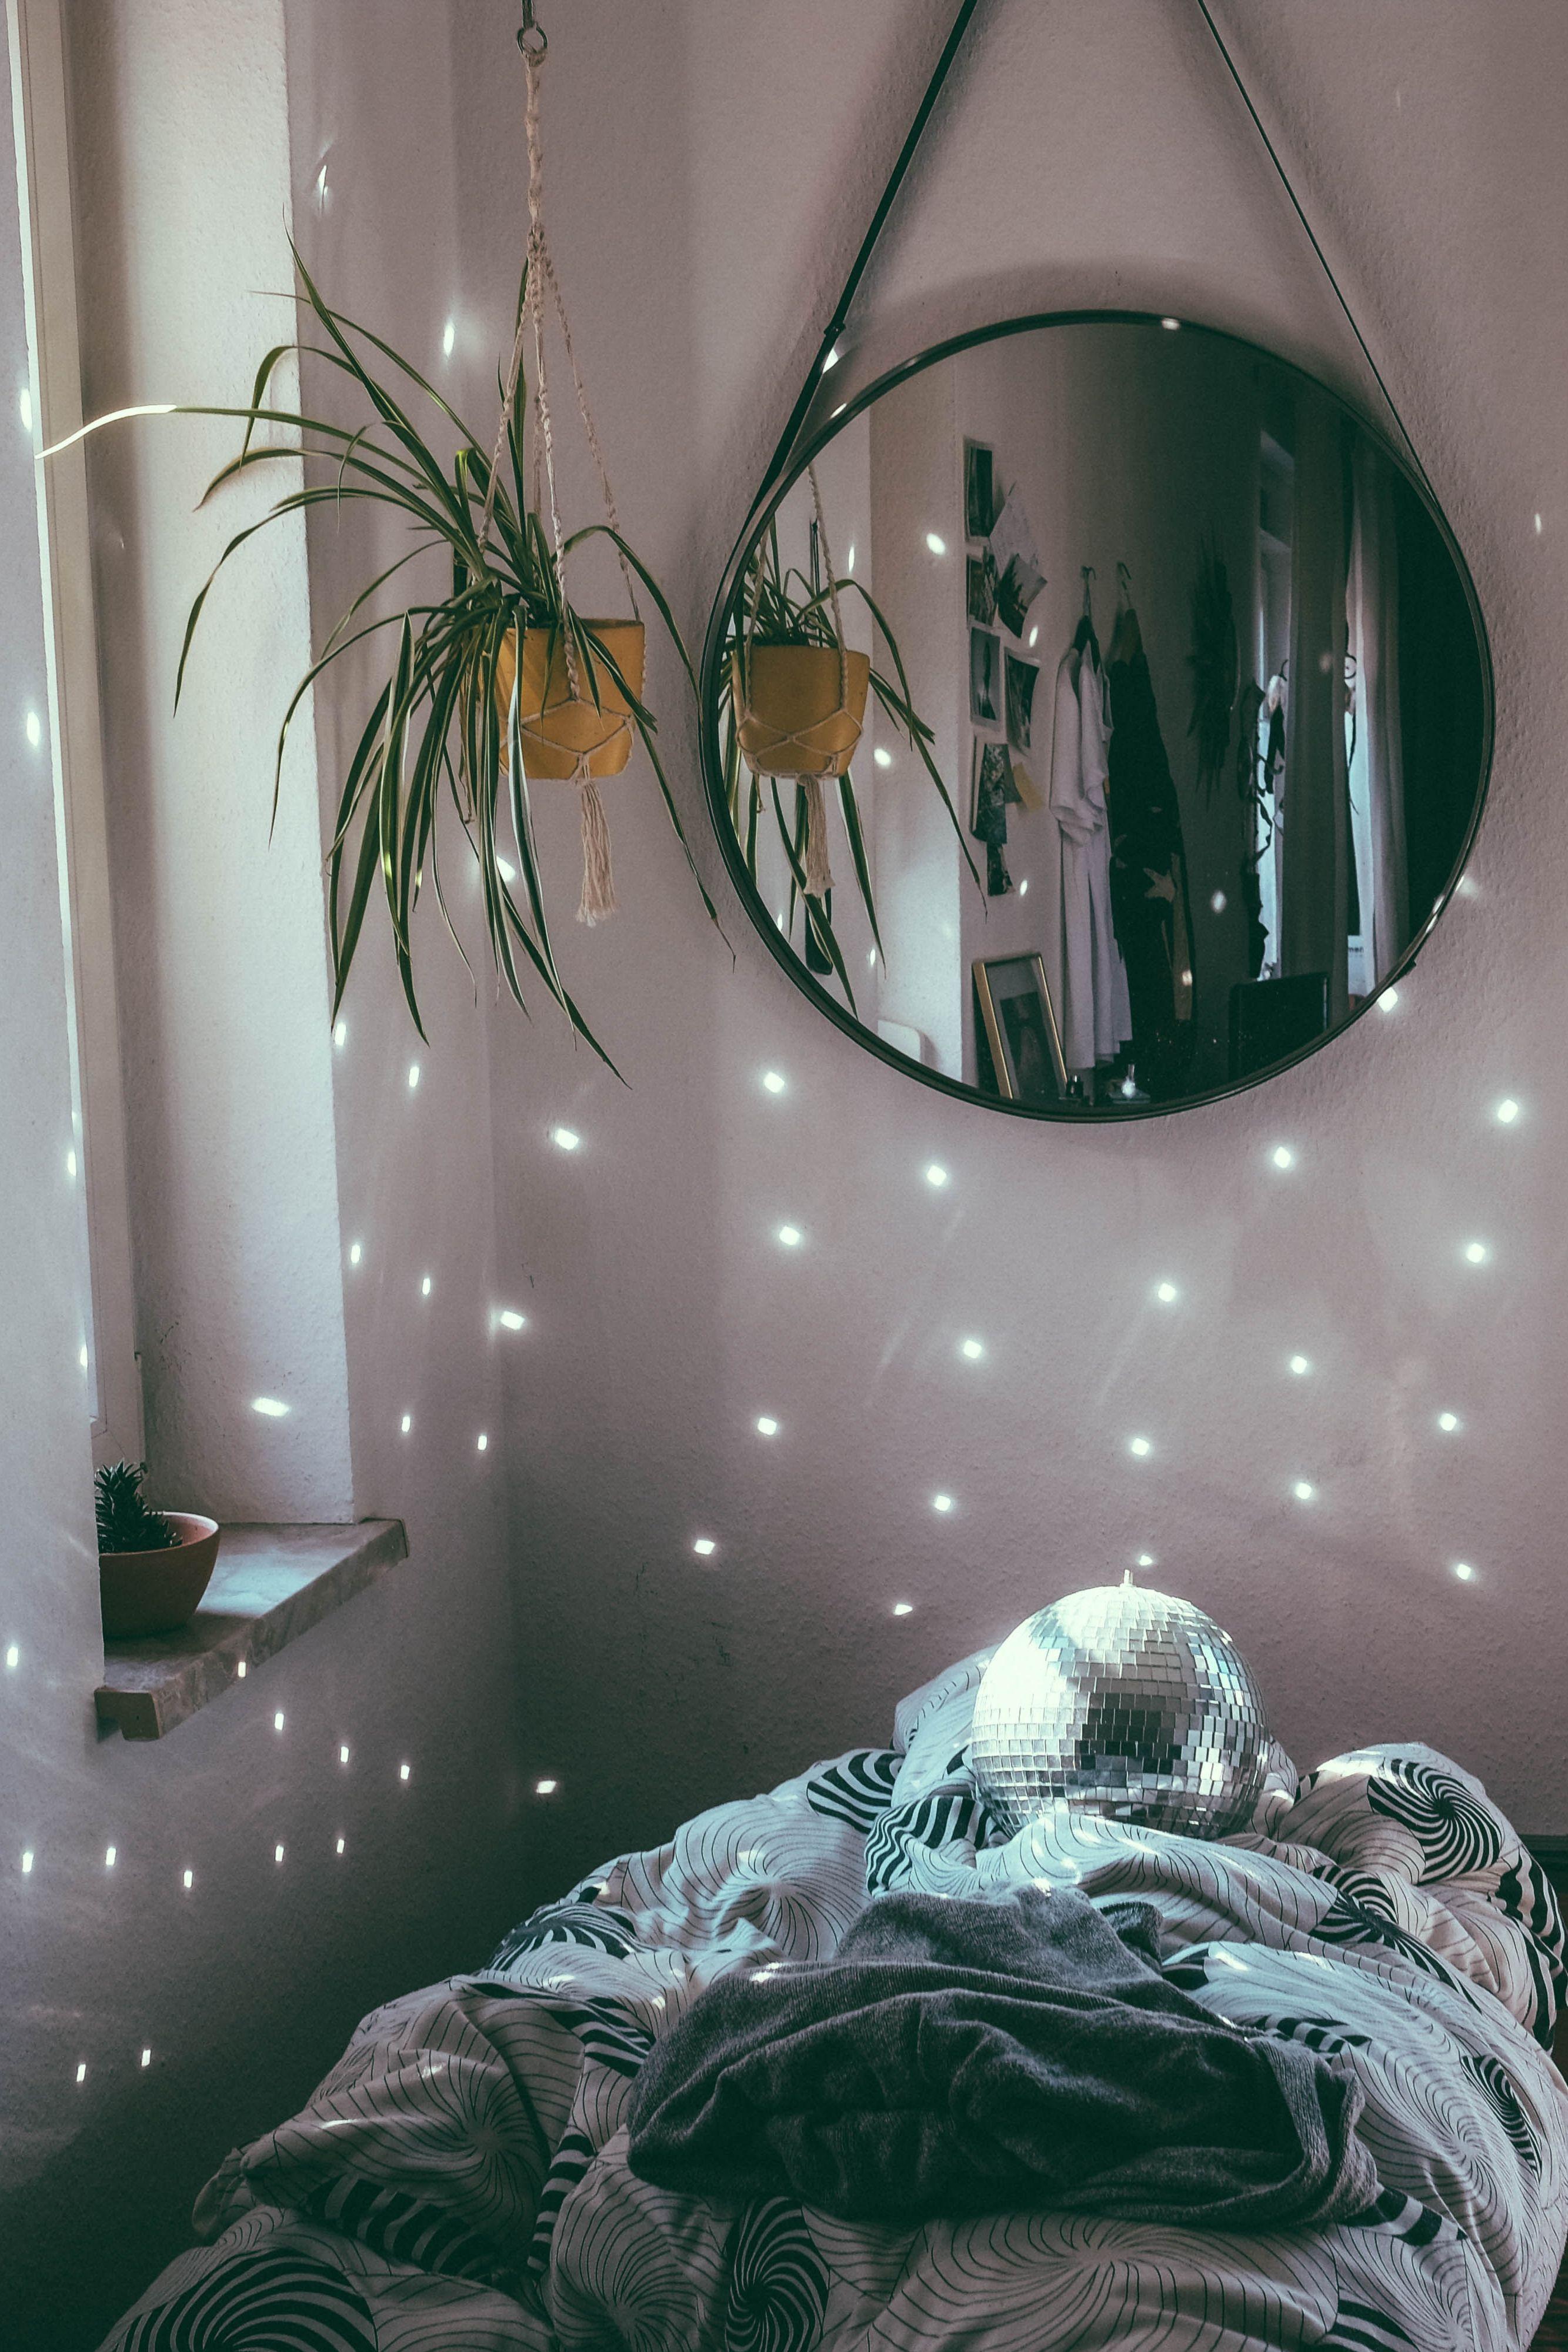 Wohnaccessoires Und Deko In 2019 Home Decor Decor Room Inspiration